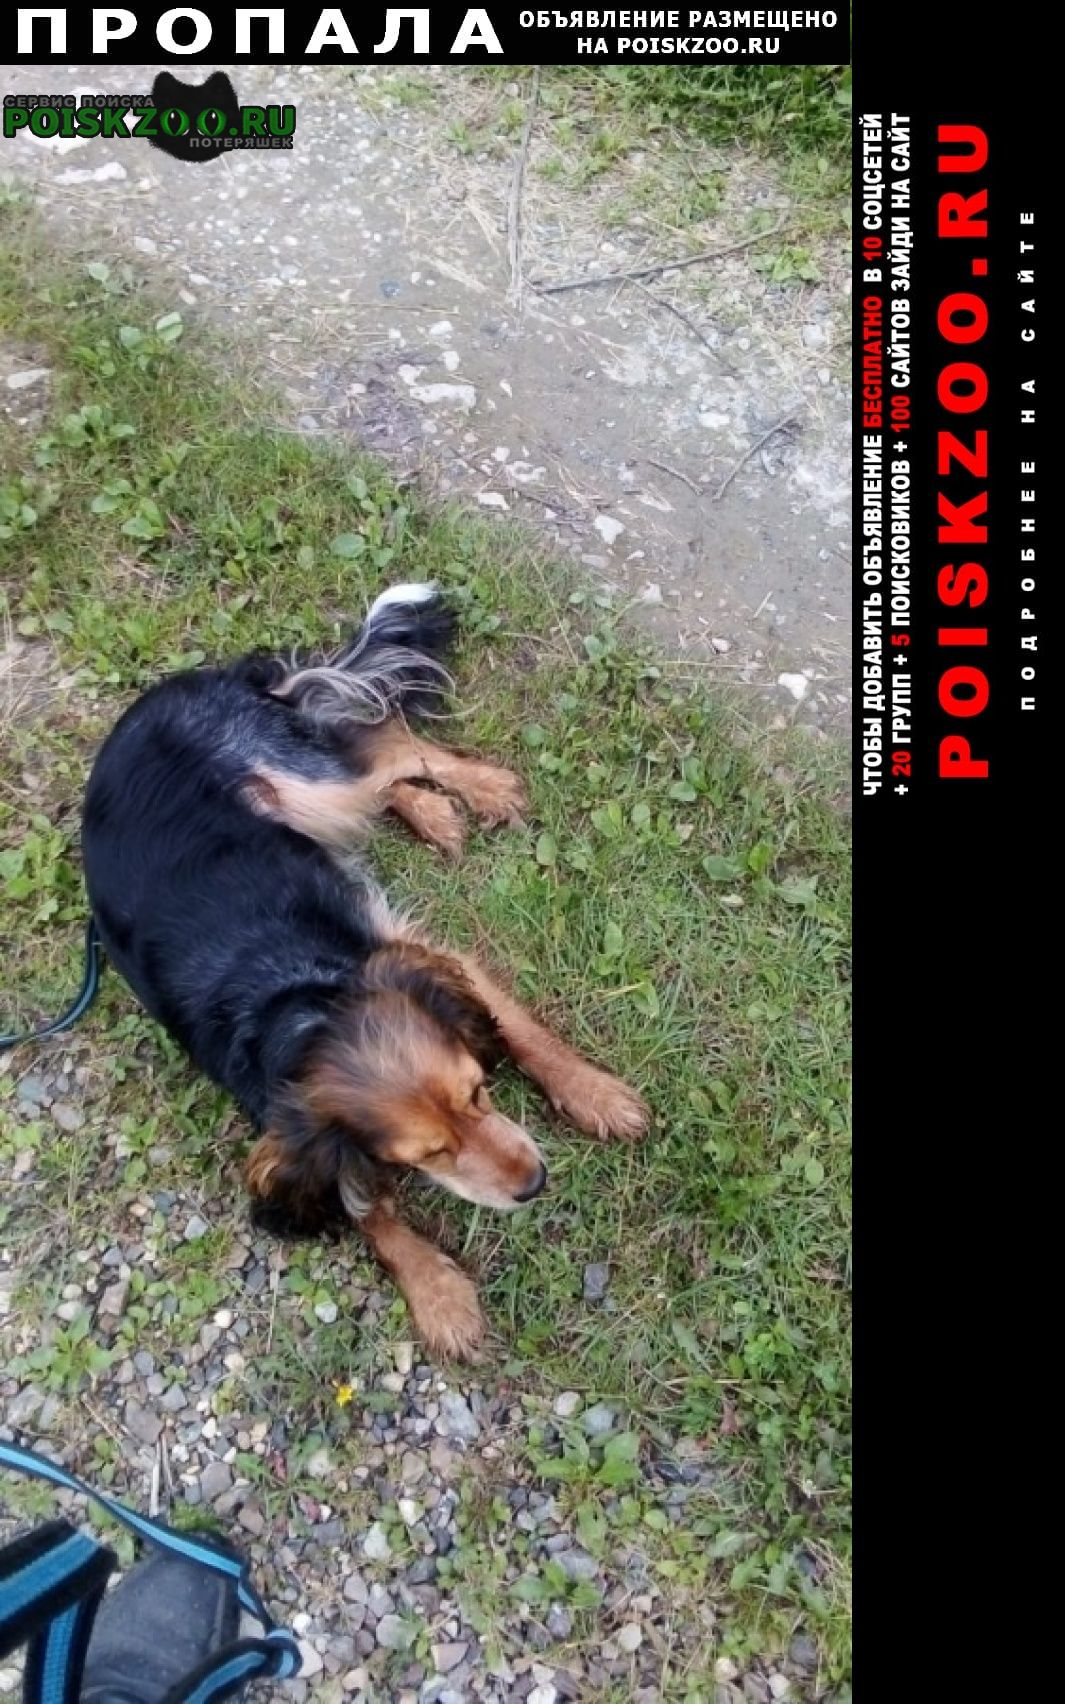 Пропала собака Коломна